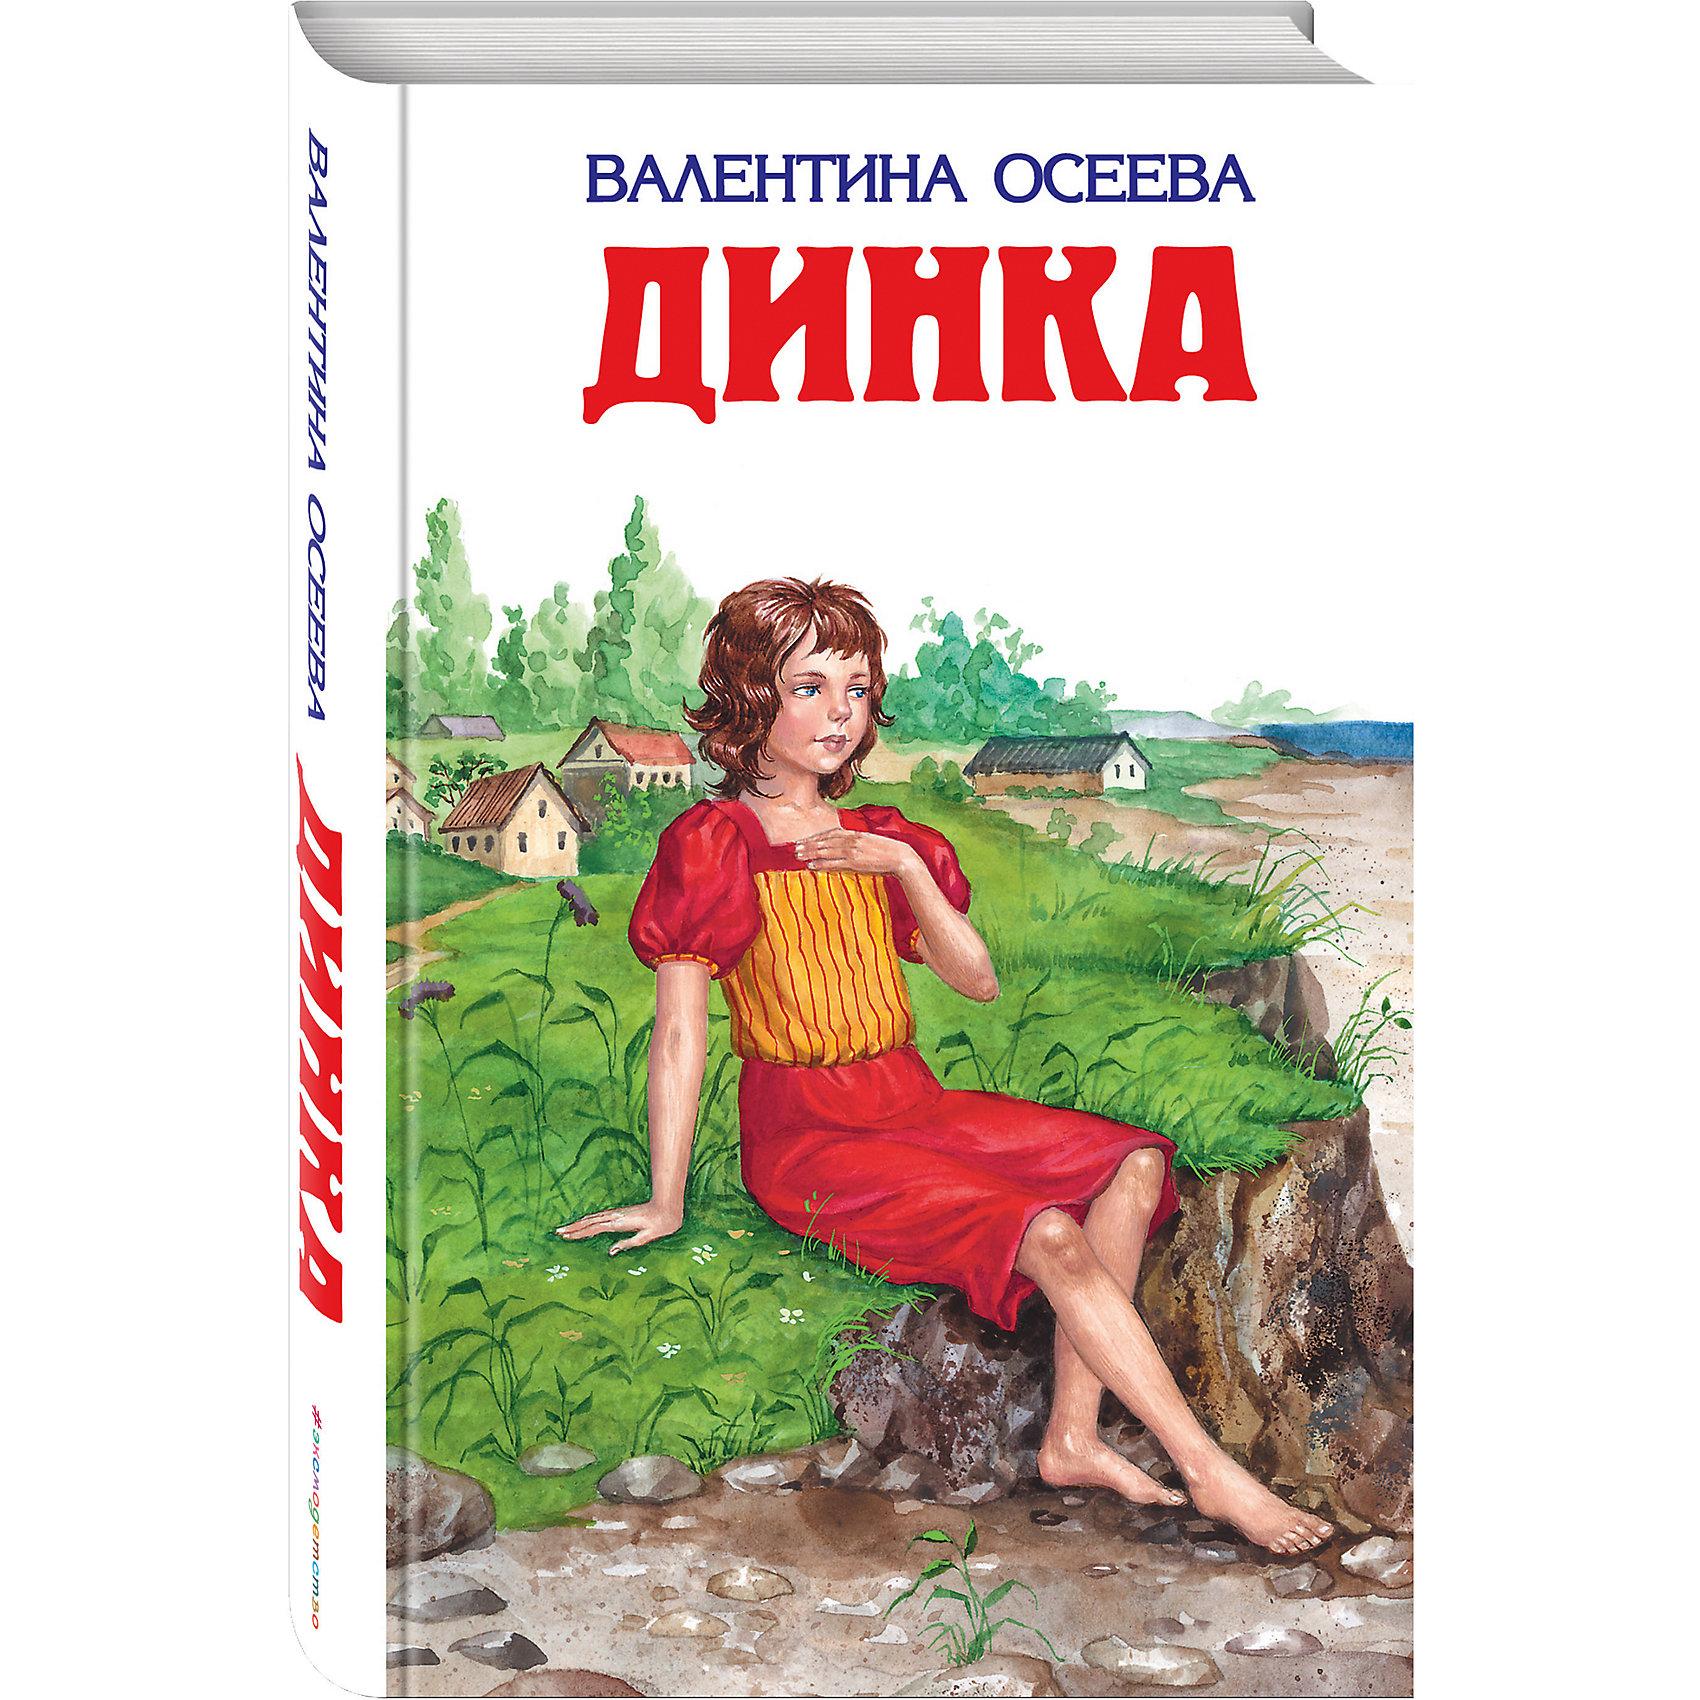 Динка, В. ОсееваОсеева В.А.<br>Динамичная, остросюжетная повесть о девочке-подростке Динке. Детство ее совпало с трудными годами, наступившими после русской революции 1905 года. Свободная и вольная, как птица, Динка сама находит себе друзей и недругов.<br><br>Ширина мм: 210<br>Глубина мм: 140<br>Высота мм: 30<br>Вес г: 580<br>Возраст от месяцев: 72<br>Возраст до месяцев: 144<br>Пол: Унисекс<br>Возраст: Детский<br>SKU: 6878055